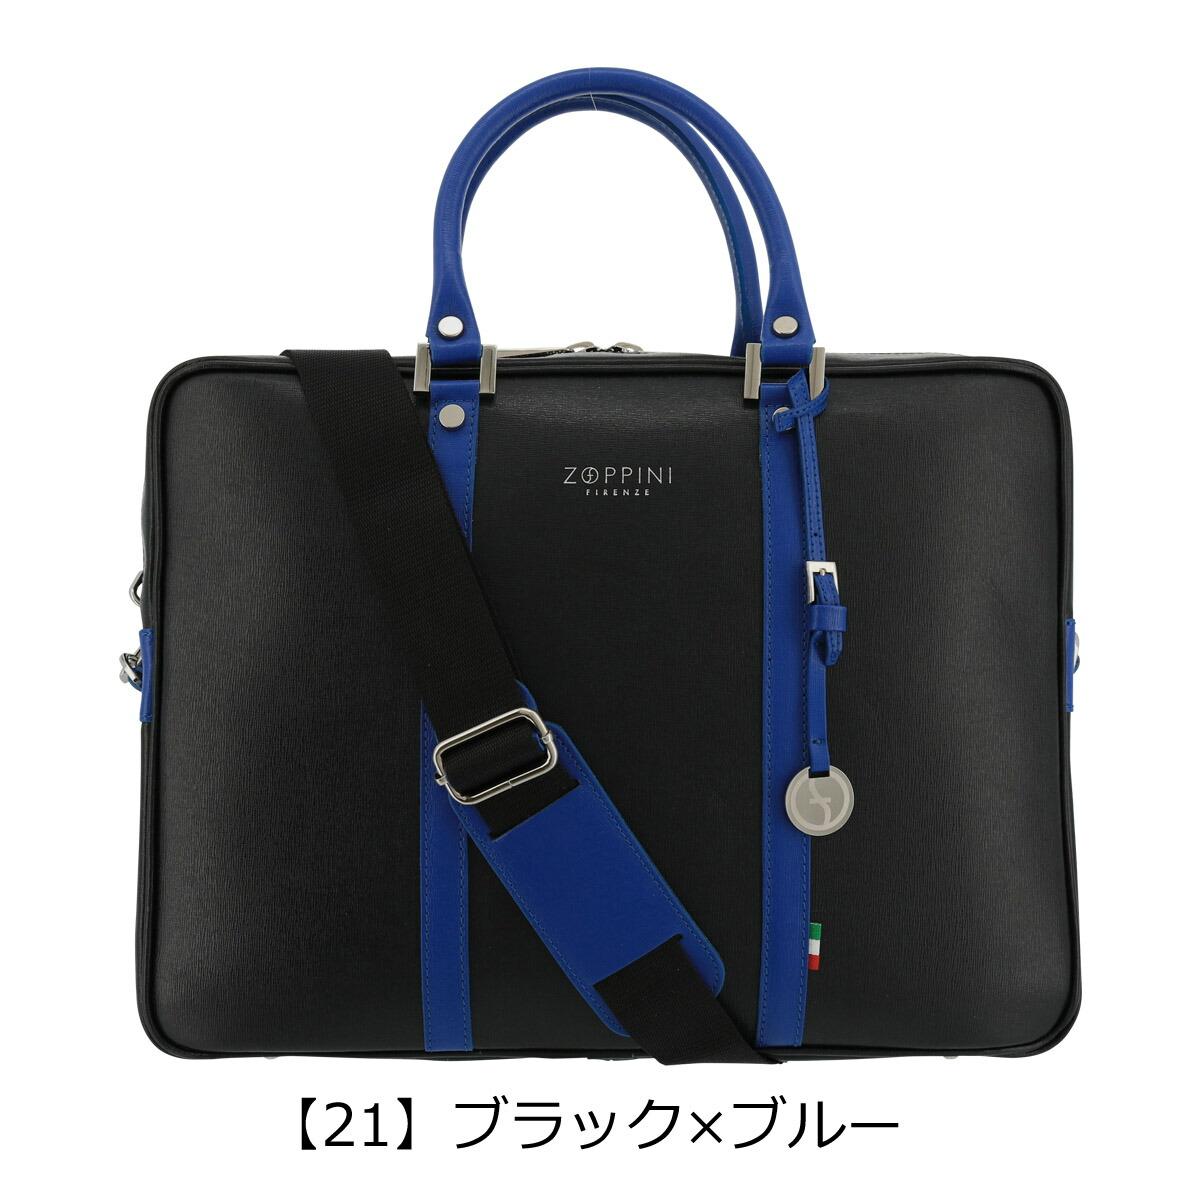 【21】ブラック×ブルー